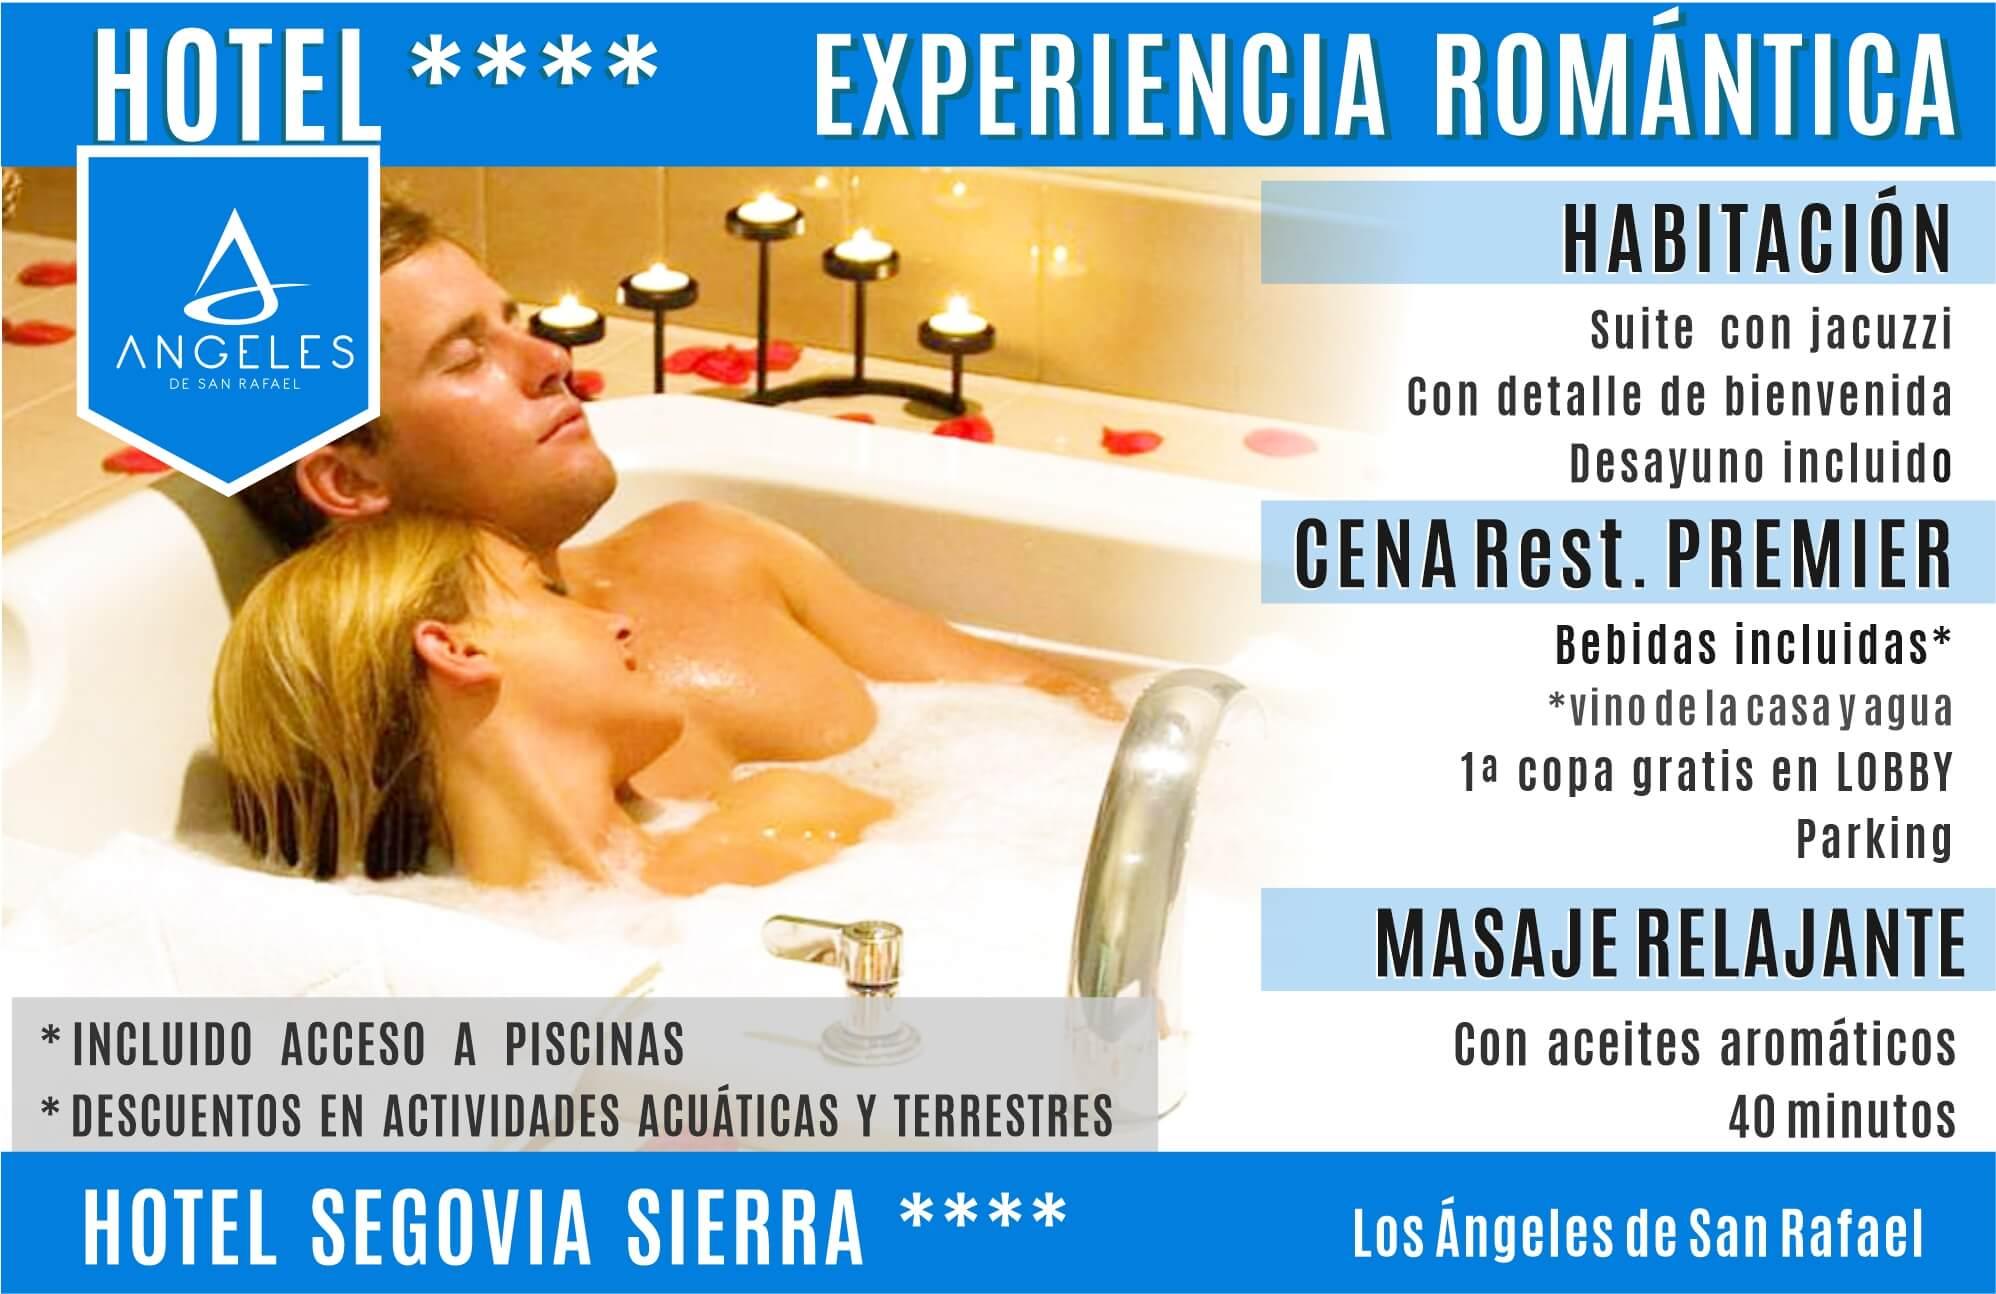 Los angeles de San Rafael | Hotel Segovia Sierra